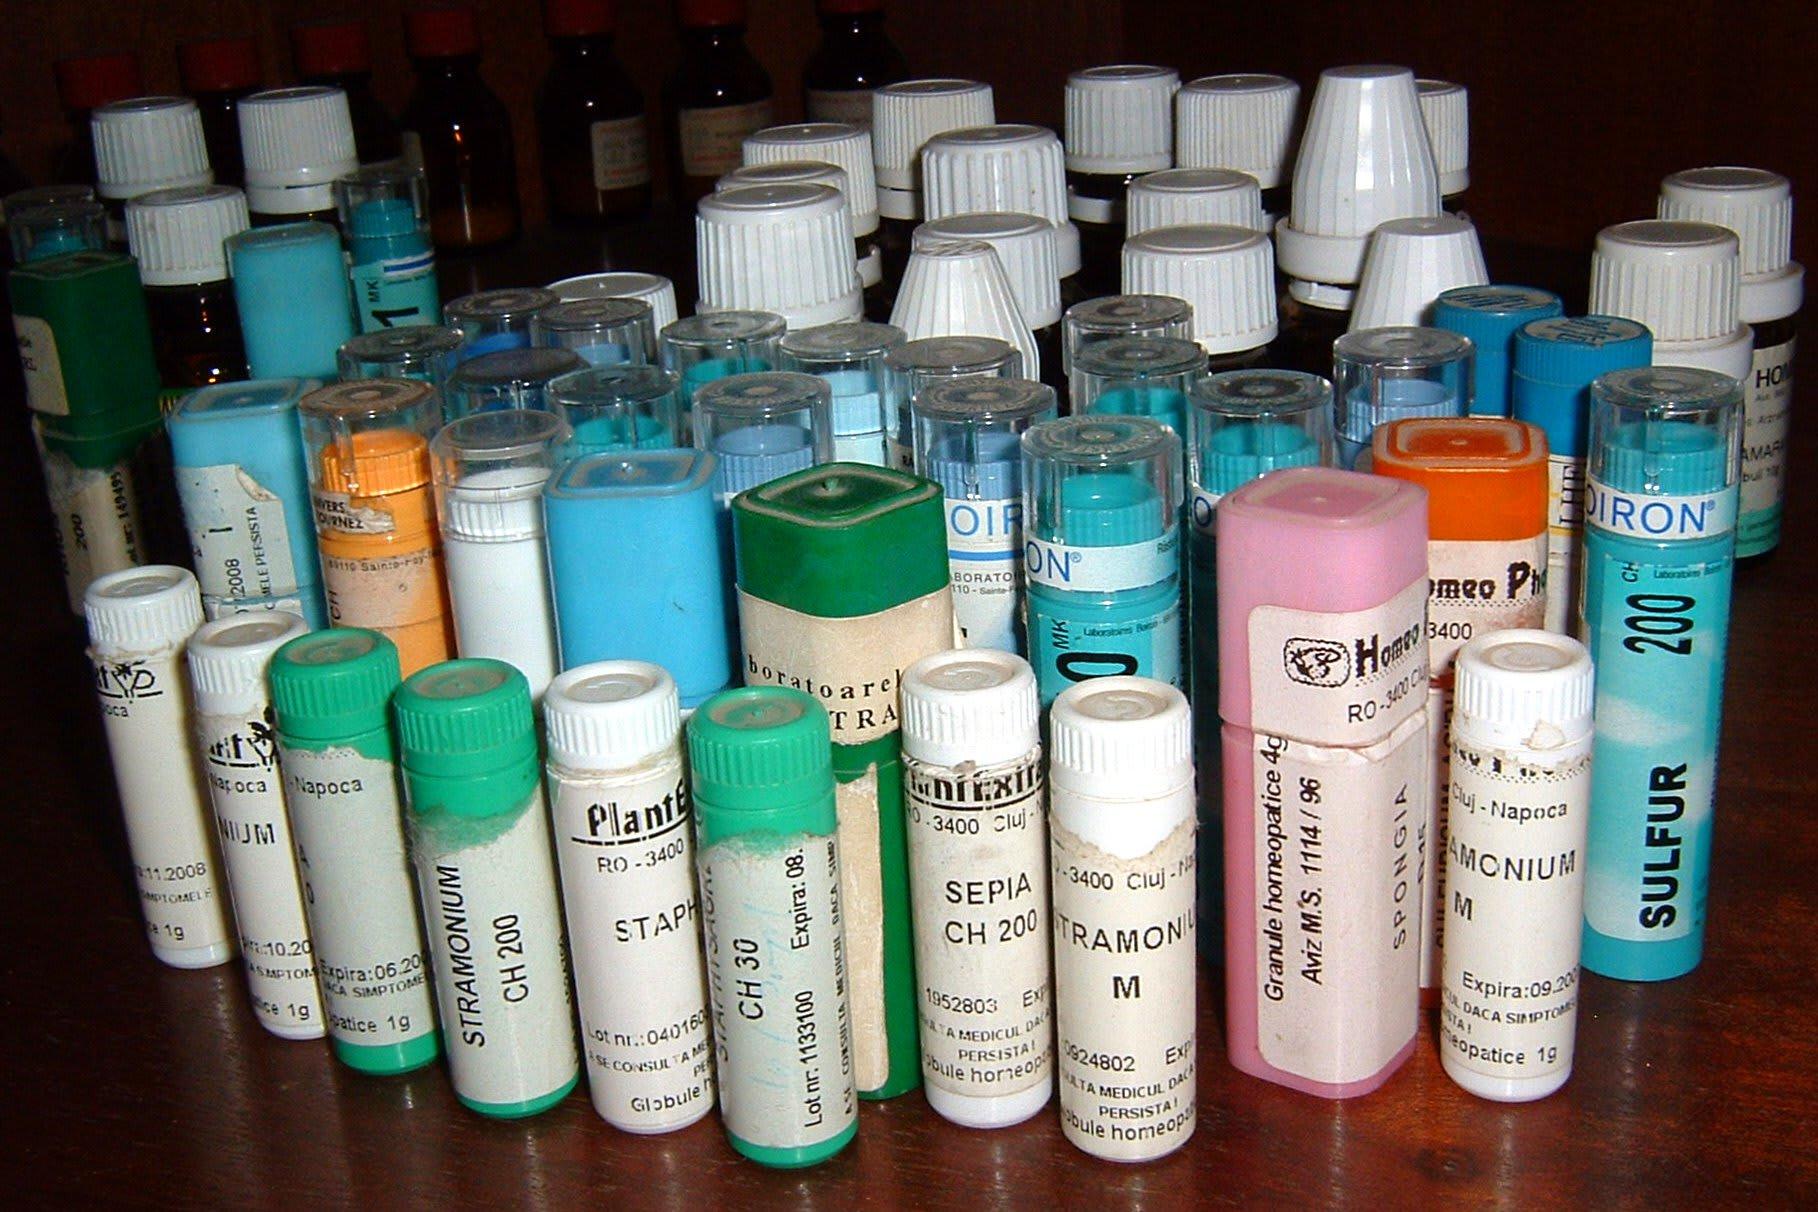 Remboursement homéopathie - flacons homéopathie - Santé - 1818x1212 - JPG